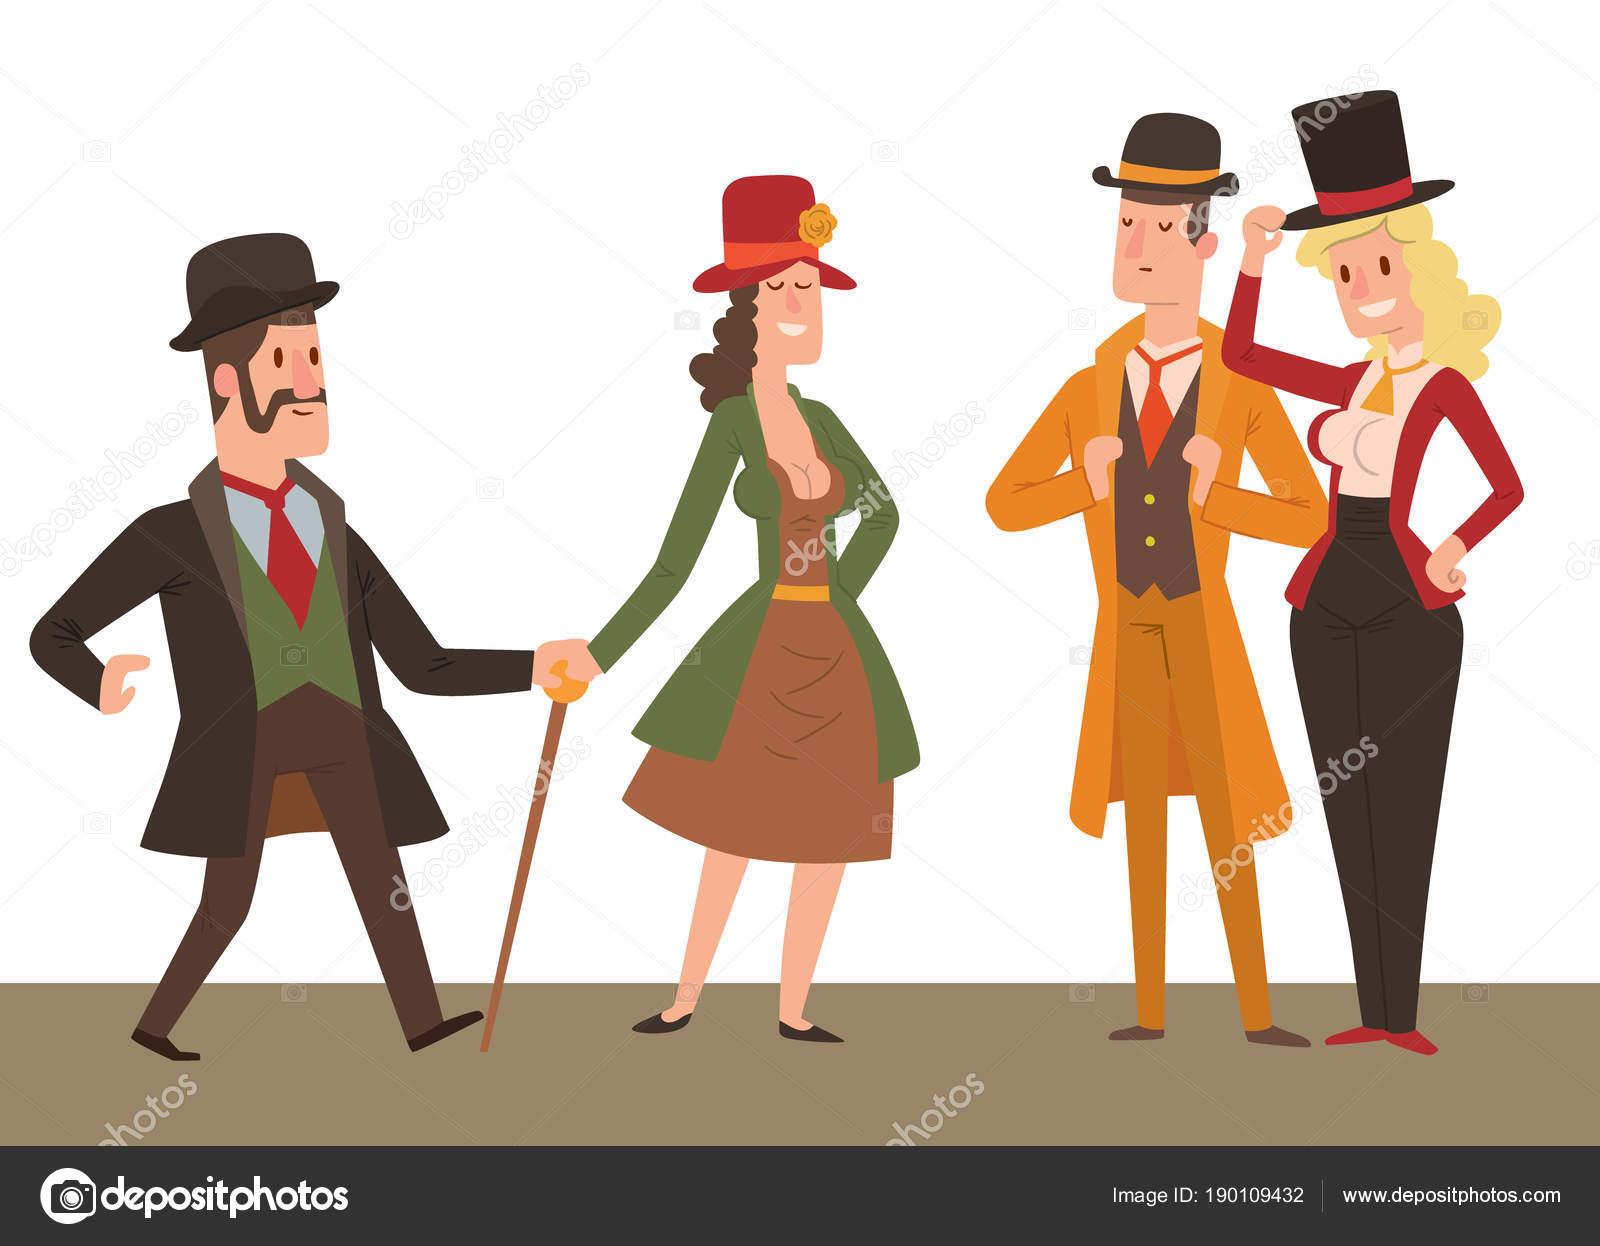 vector de dibujos Estilo Gente moda viejo época animados victoriana del victoriano caballeros retro pueblo 8q6w6I5x1